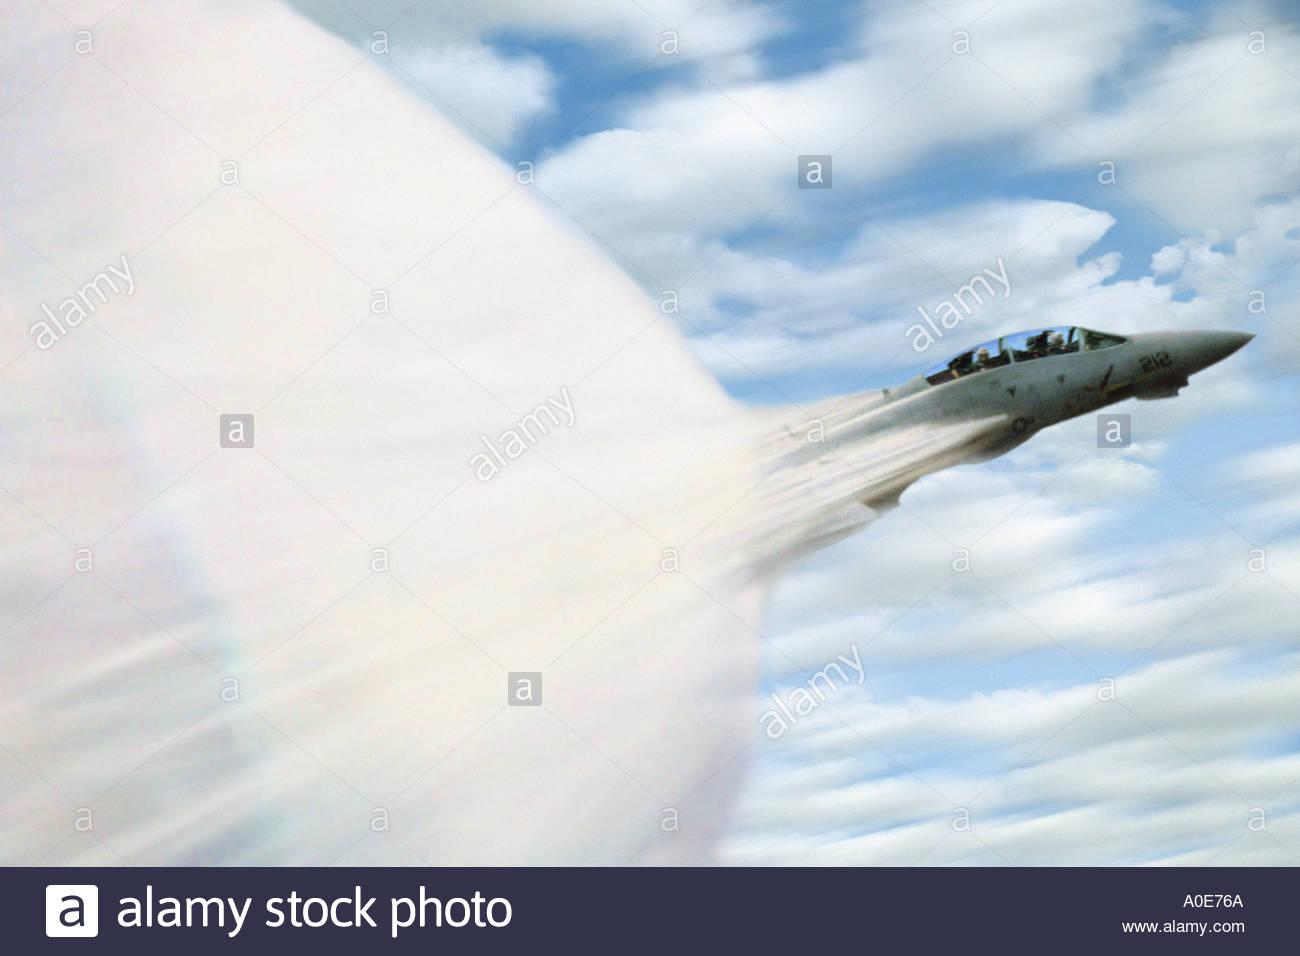 Mach One, un United States Navy F-14 Tomcat Jet avions franchissant le mur du son à 500 pieds au-dessus de l'Océan Pacifique Photo Stock